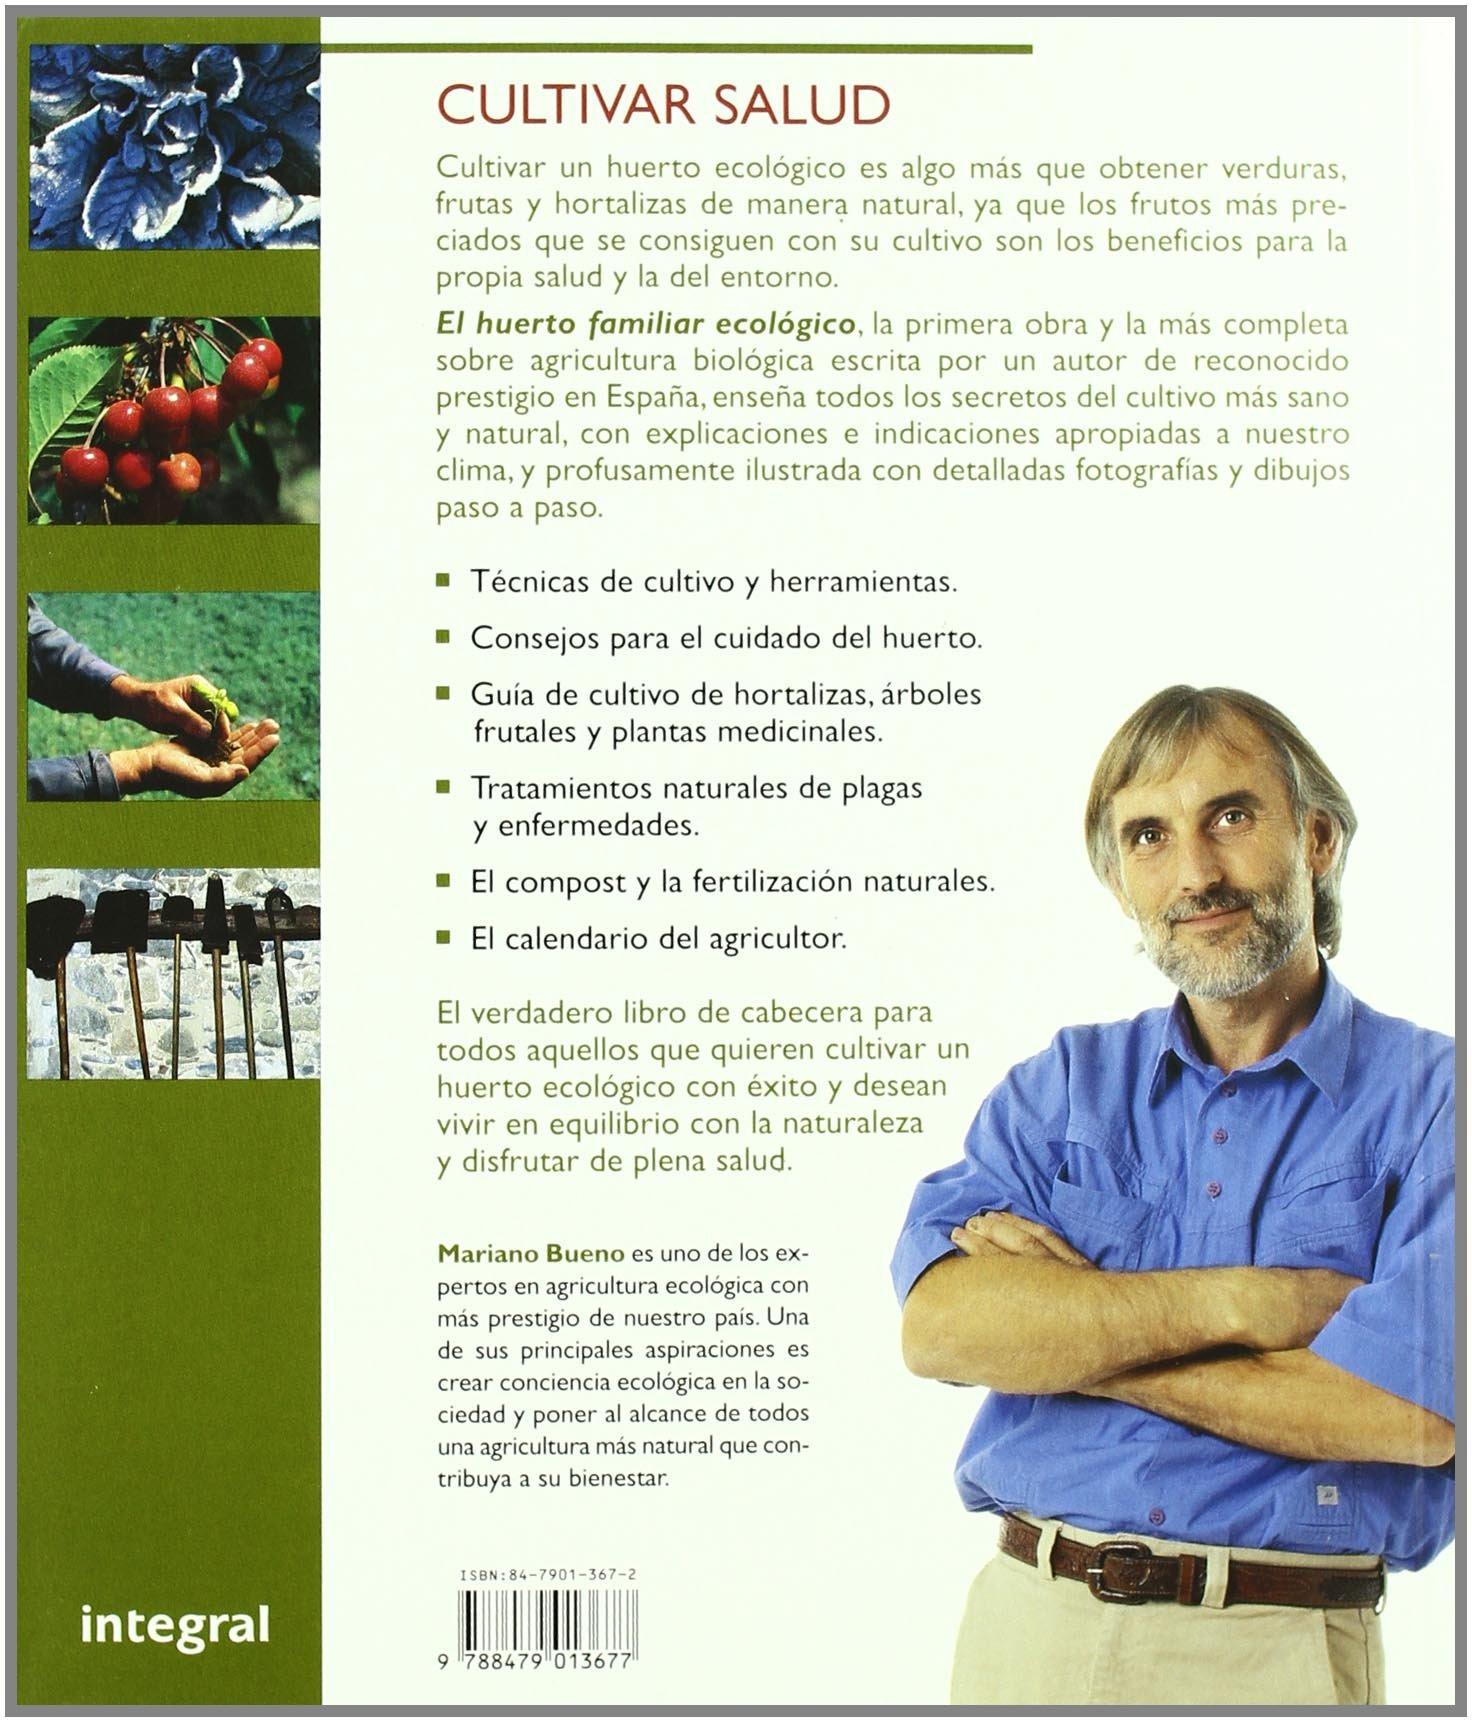 El huerto familiar ecologico: 018 (CULTIVOS): Amazon.es: Bueno ...